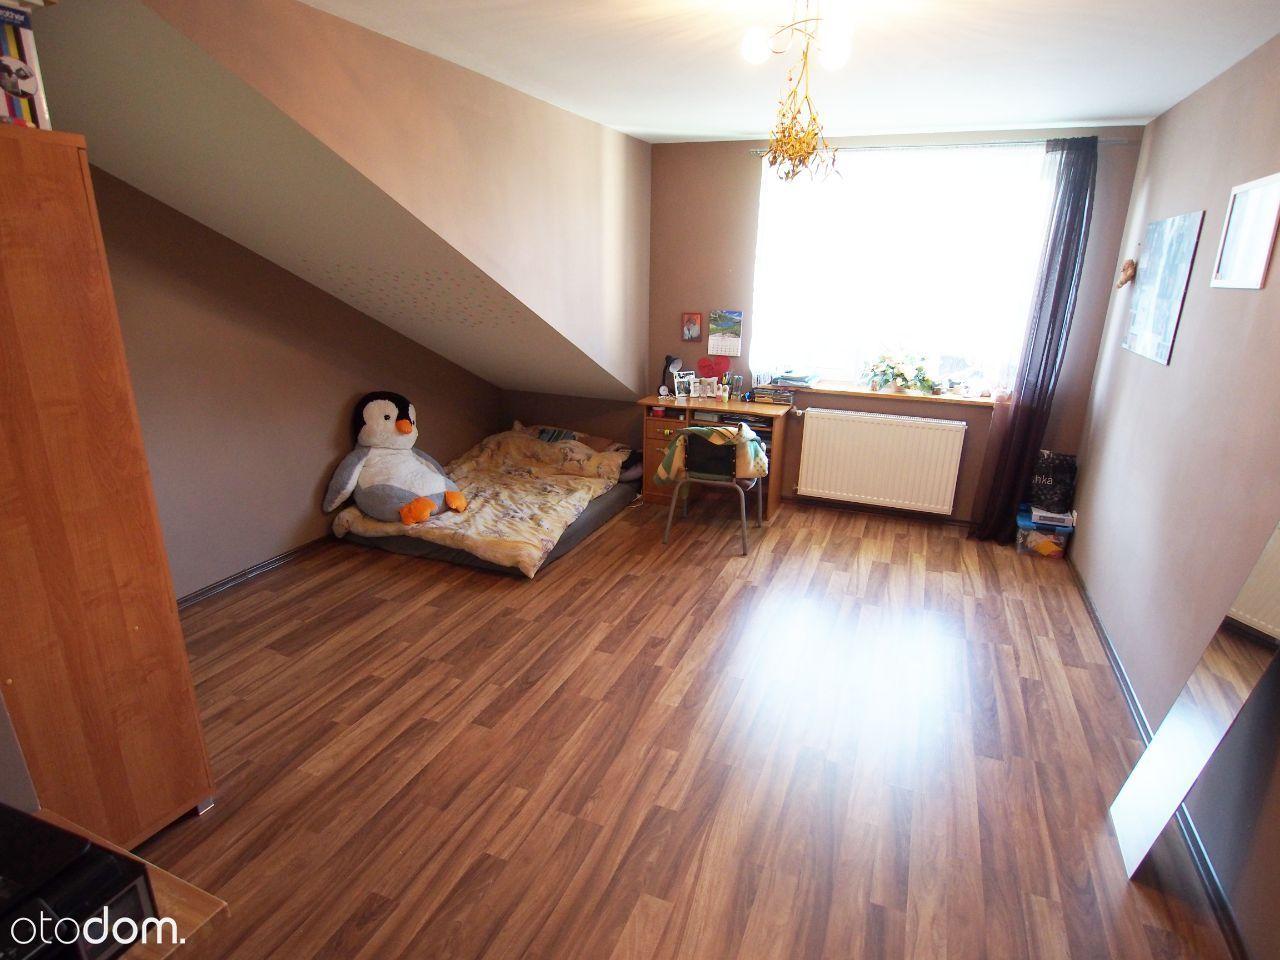 Dom na sprzedaż, Łódź, Marysin - Foto 16